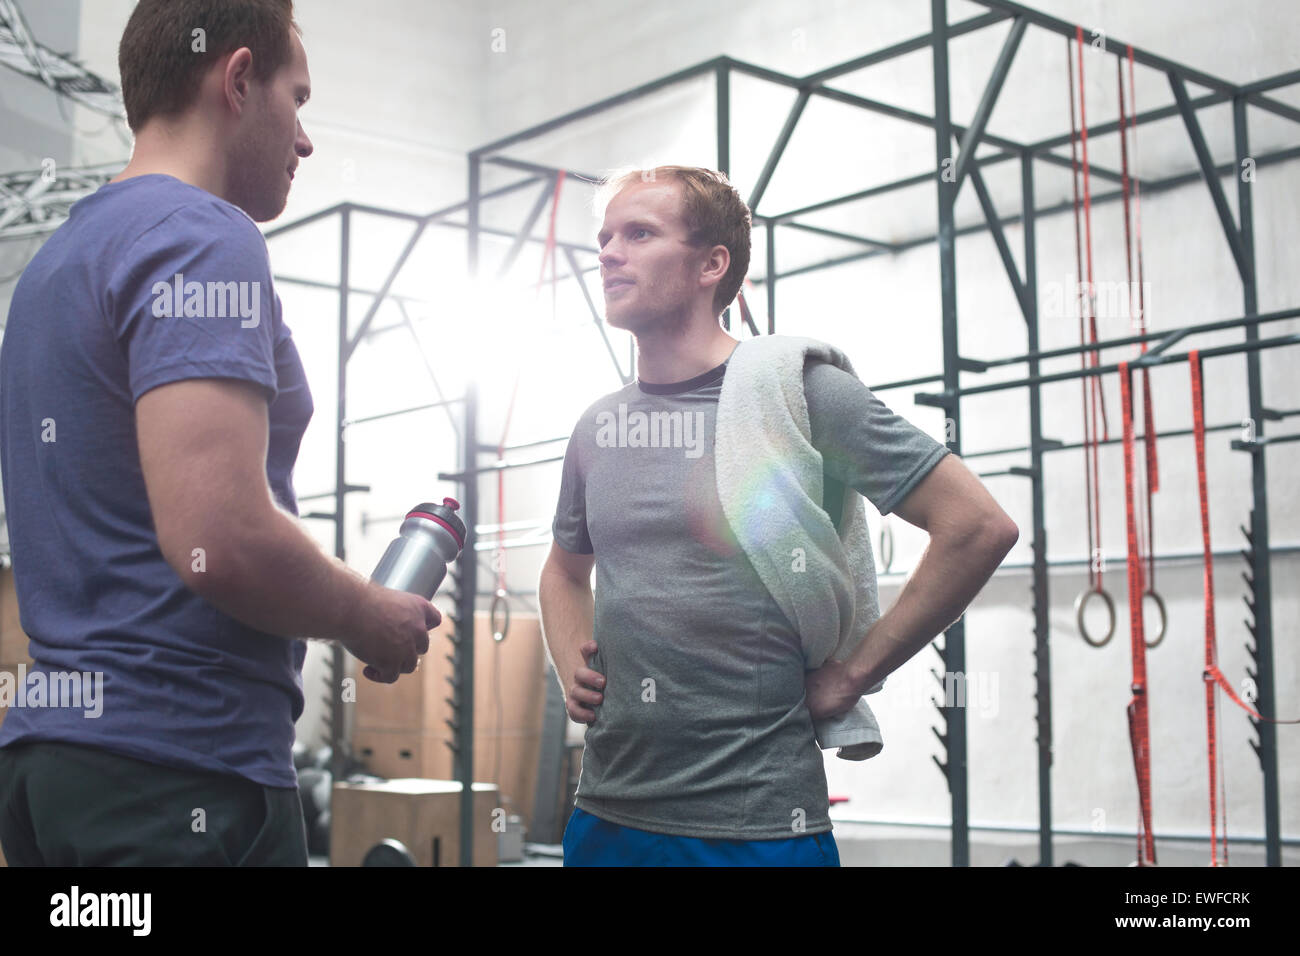 En parlant d'amis masculins gym crossfit Banque D'Images